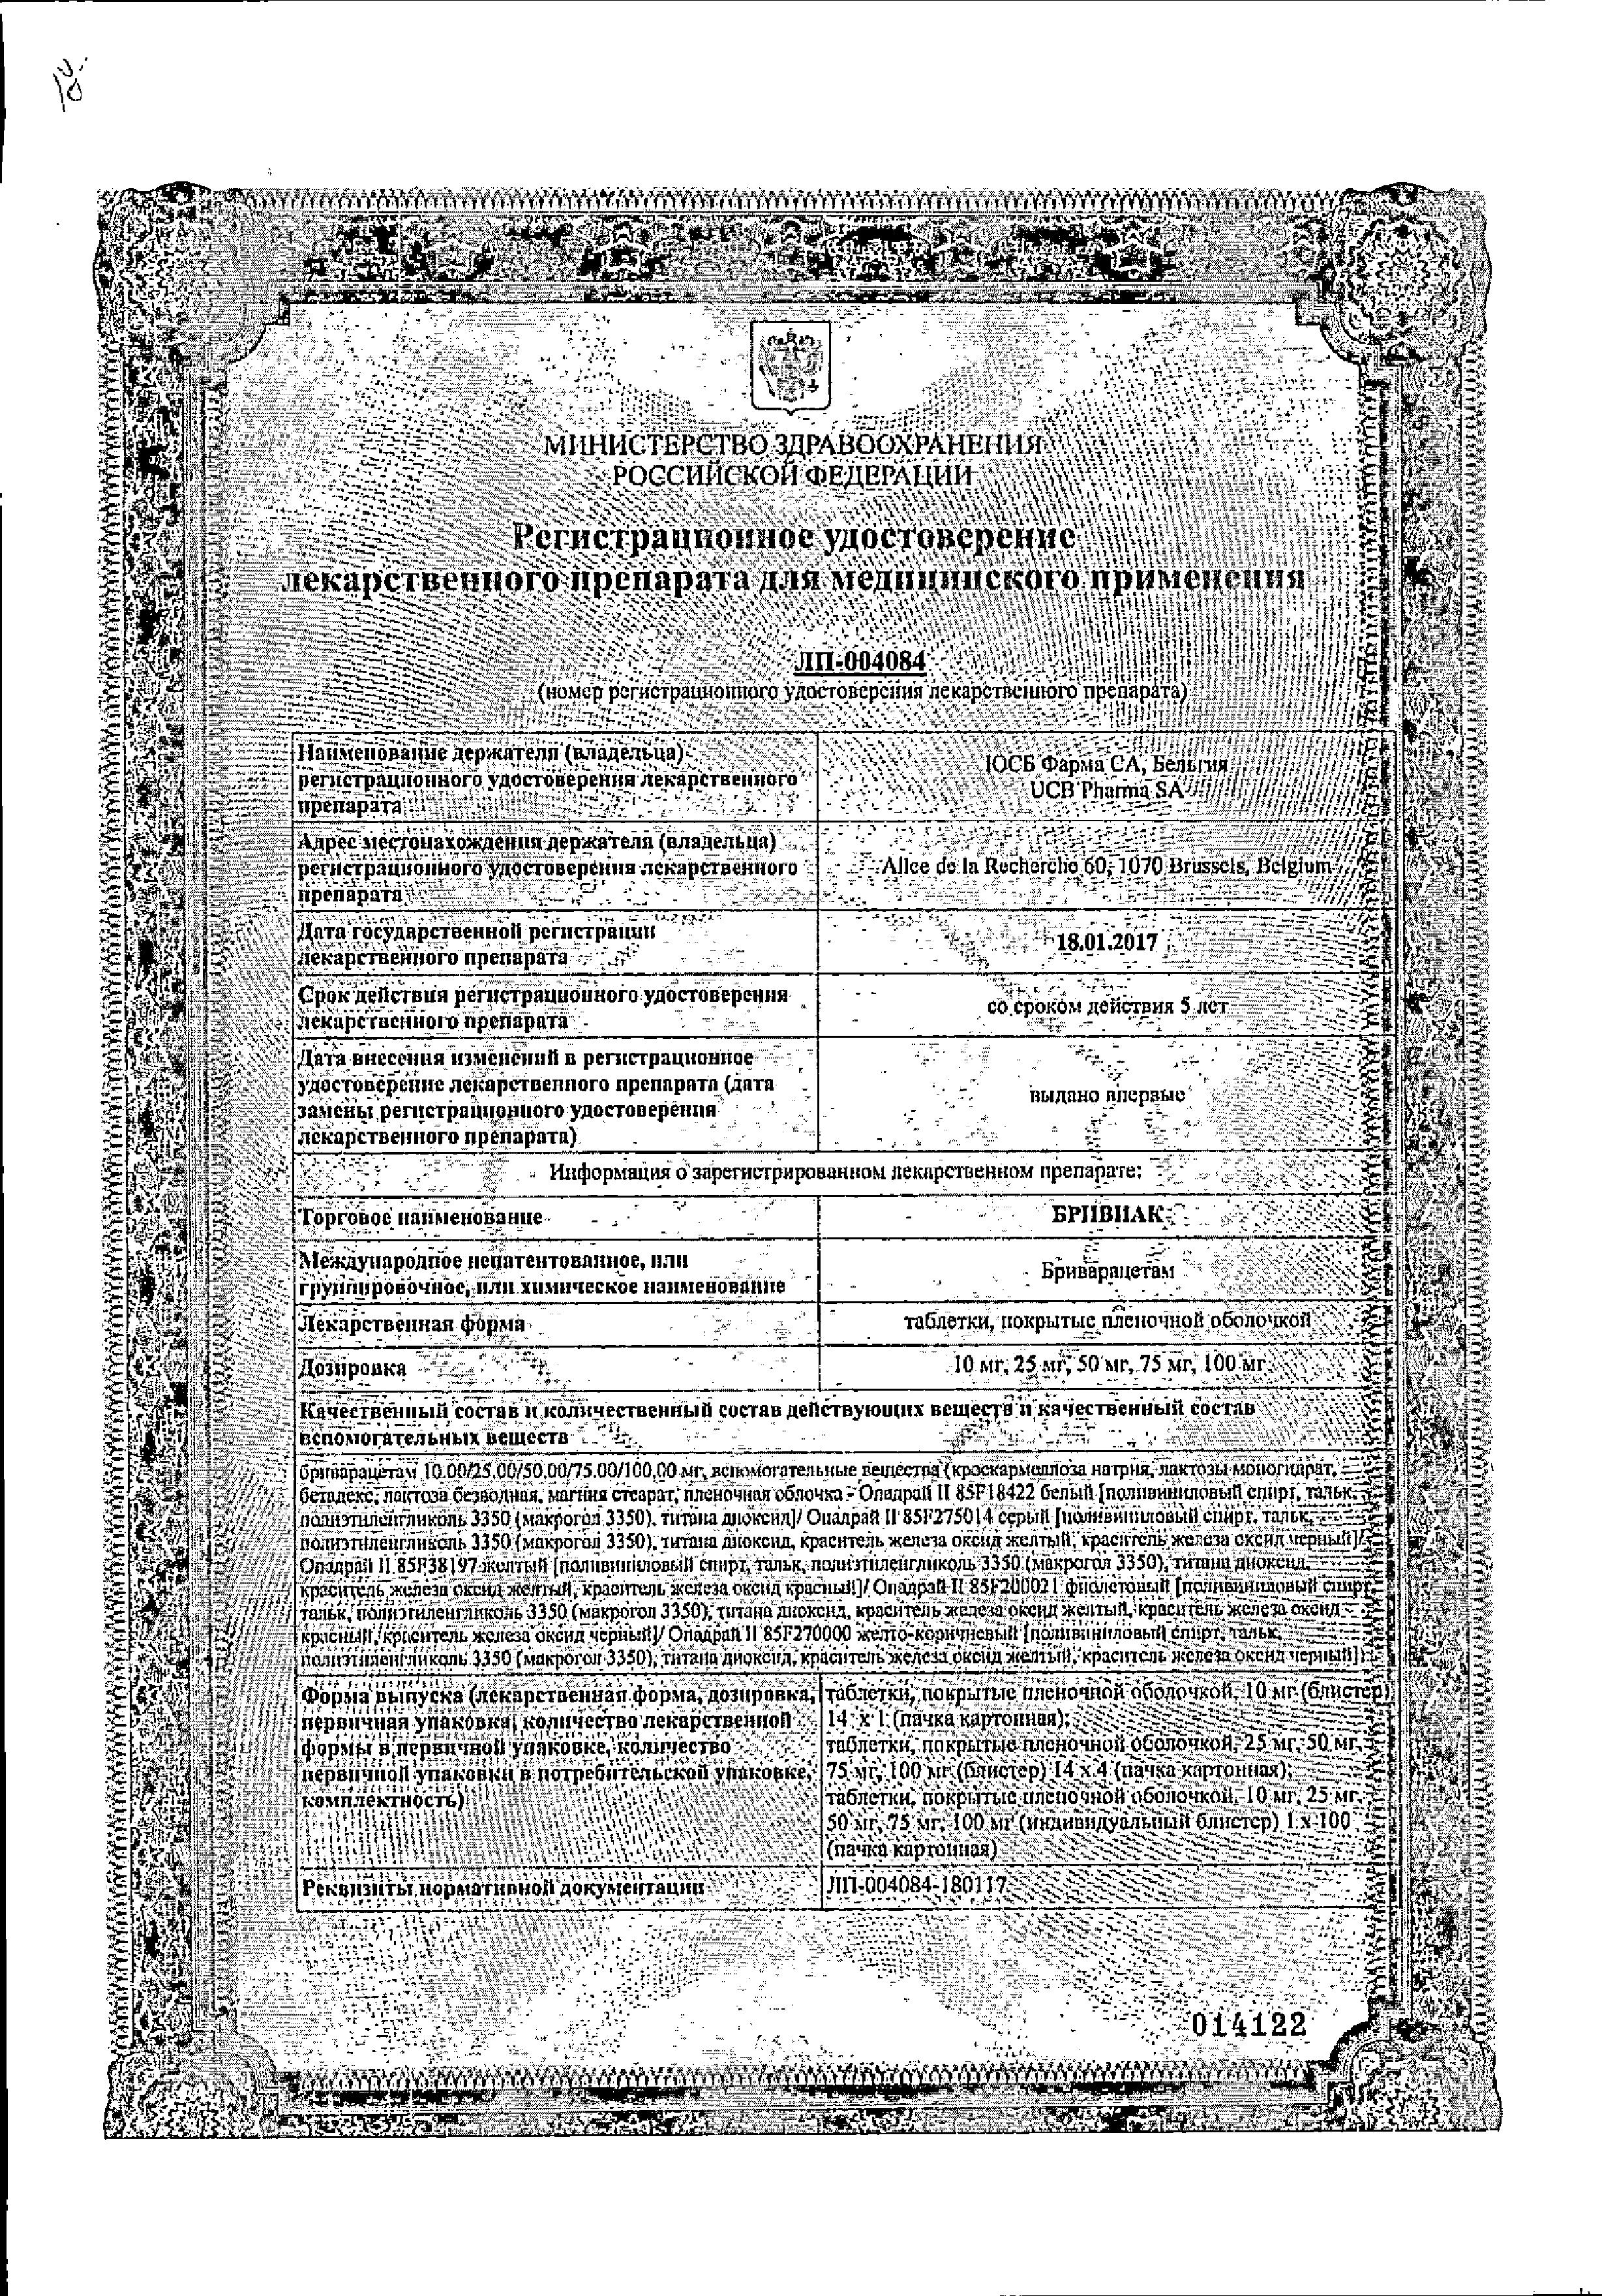 Бривиак сертификат